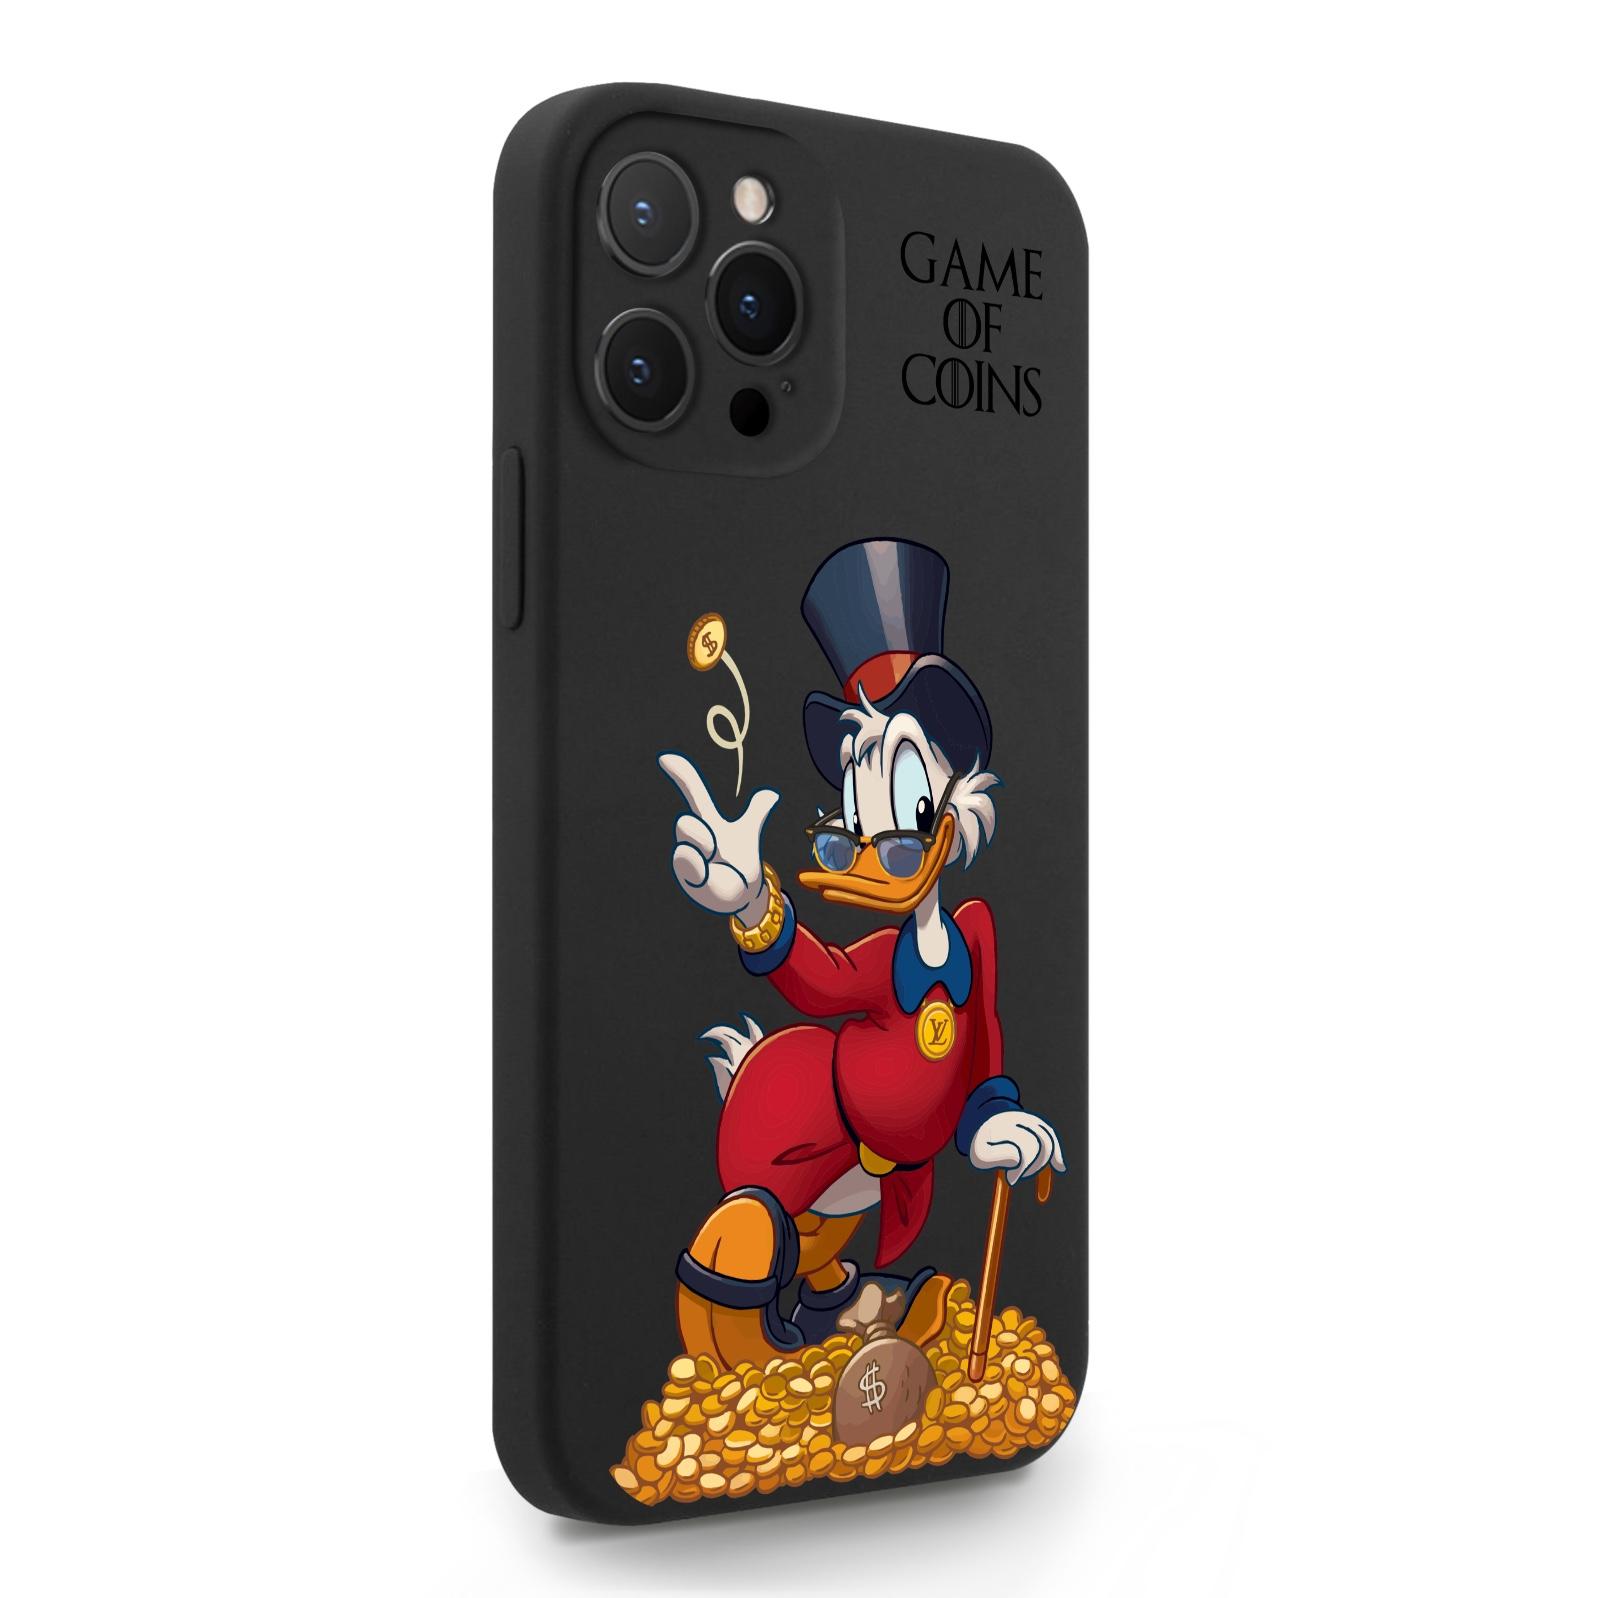 Черный силиконовый чехол для iPhone 12 Pro Max Богатая Утка Игра монет для Айфон 12 Про Макс